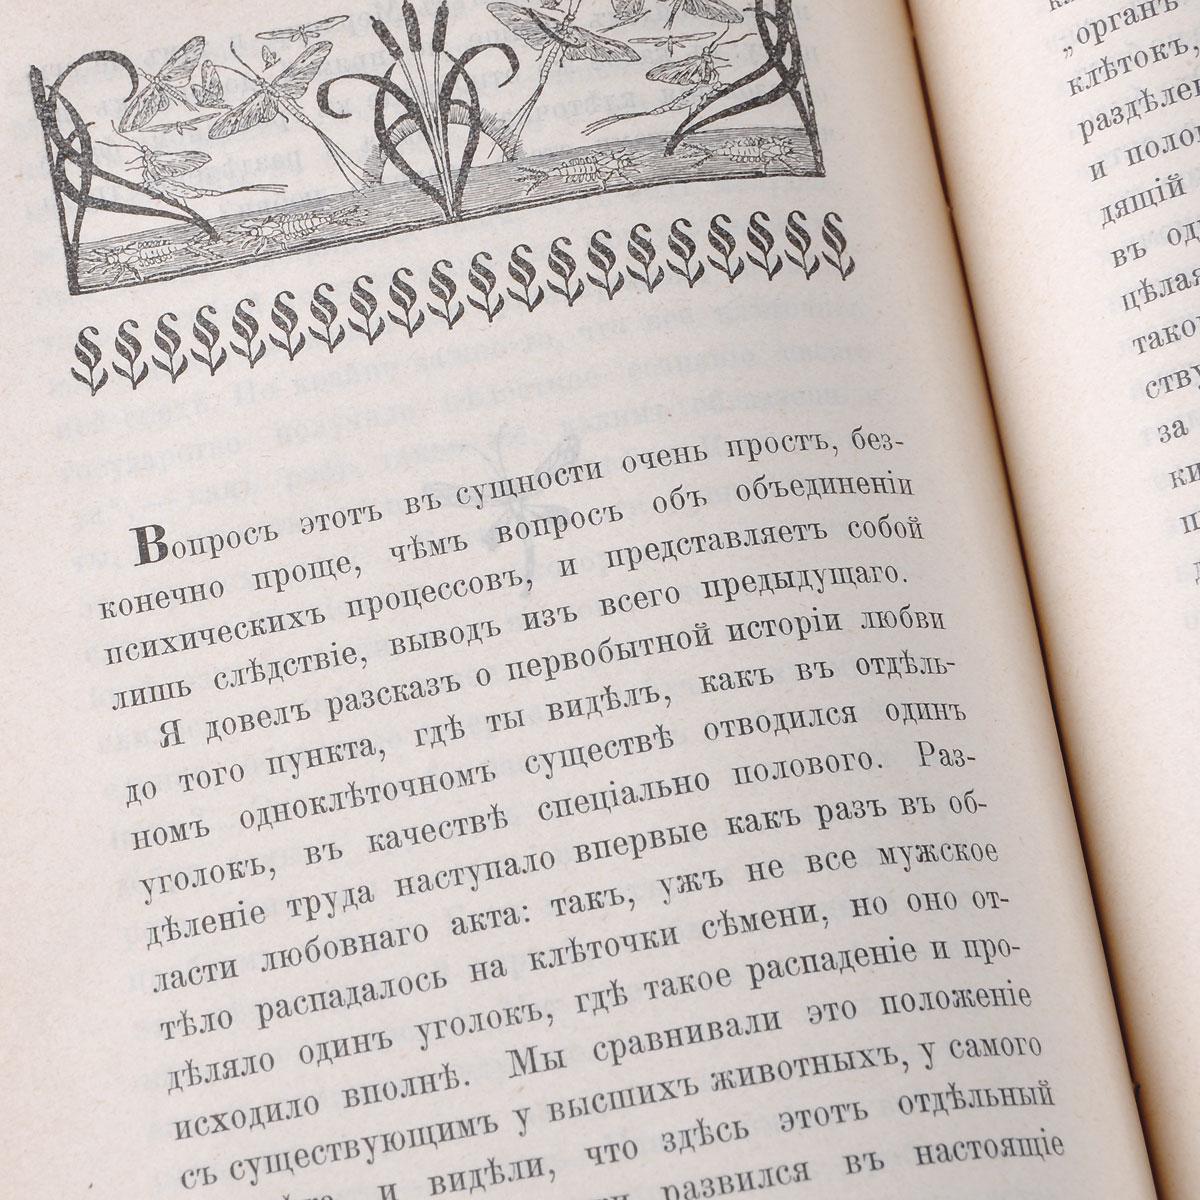 Любовь в природе. Популярная история возникновения и развития любви в животом мире